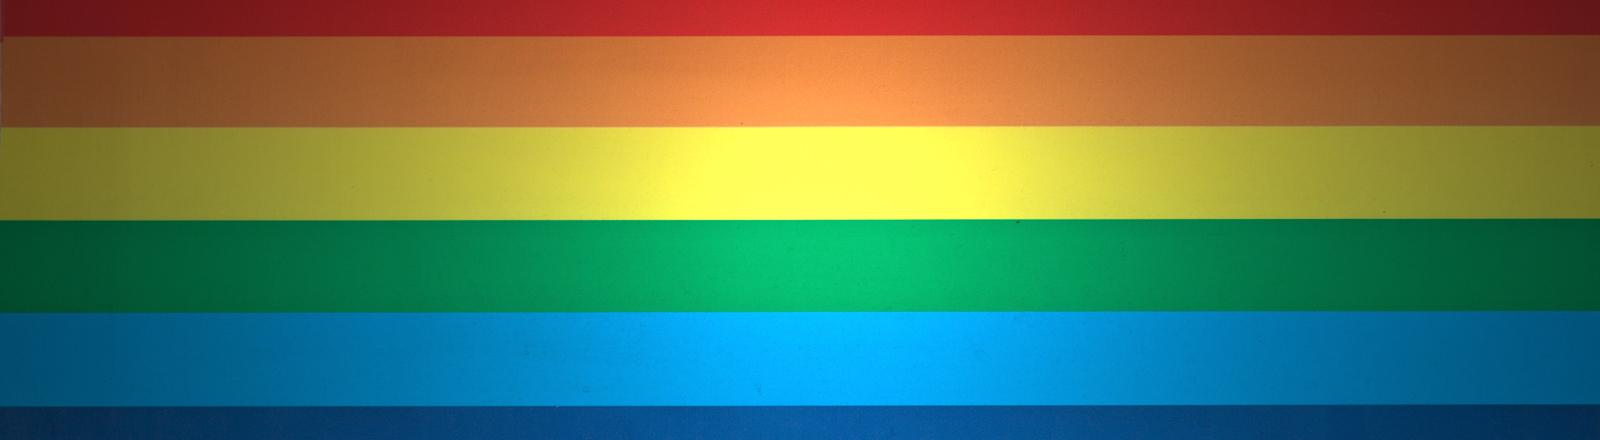 Regenbogenfarben horizontal übereinander